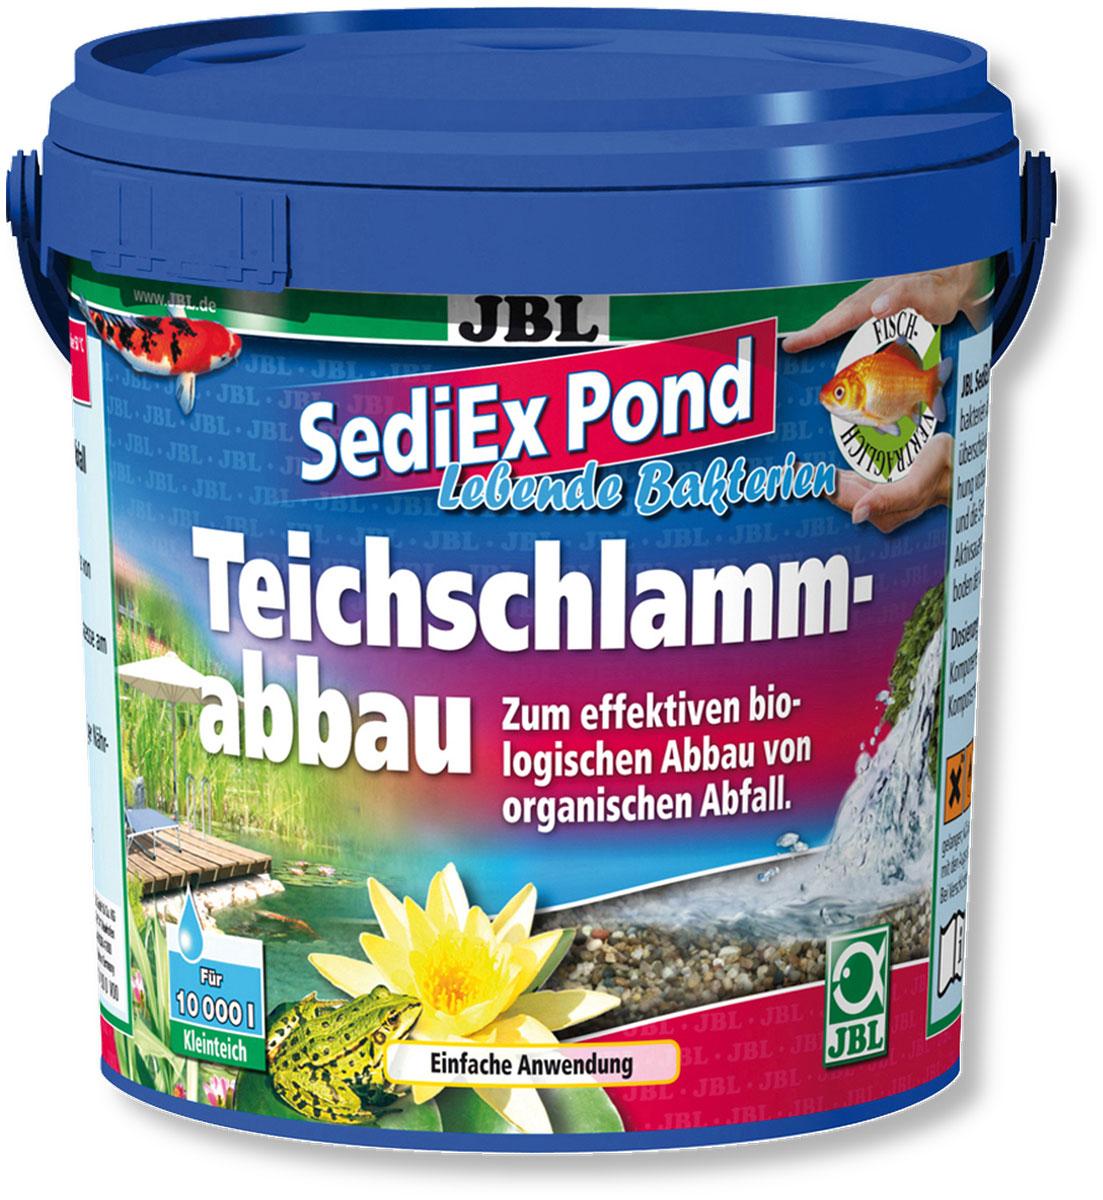 Средство для садовых прудов JBL SediEx Pond, для эффективного биологического удаления ила, 1 кг на 10000 л водыJBL2733100Двухкомпонентное средство JBL SediEx Pond с живыми бактериями и кислородом применяется для эффективного, биологического удаления ила из садовых прудов. Такое средство делает прудовую воду чистой, предотвращая процессы гниения на дне водоема, помогает избежать гибели рыб в пруду, а также уменьшает рост водорослей, поглощая избыток питательных веществ. Способ применения: компонент 1: 30-50 г на 1000 л прудовой воды; компонент 2: 50 г на 1000 л прудовой воды.